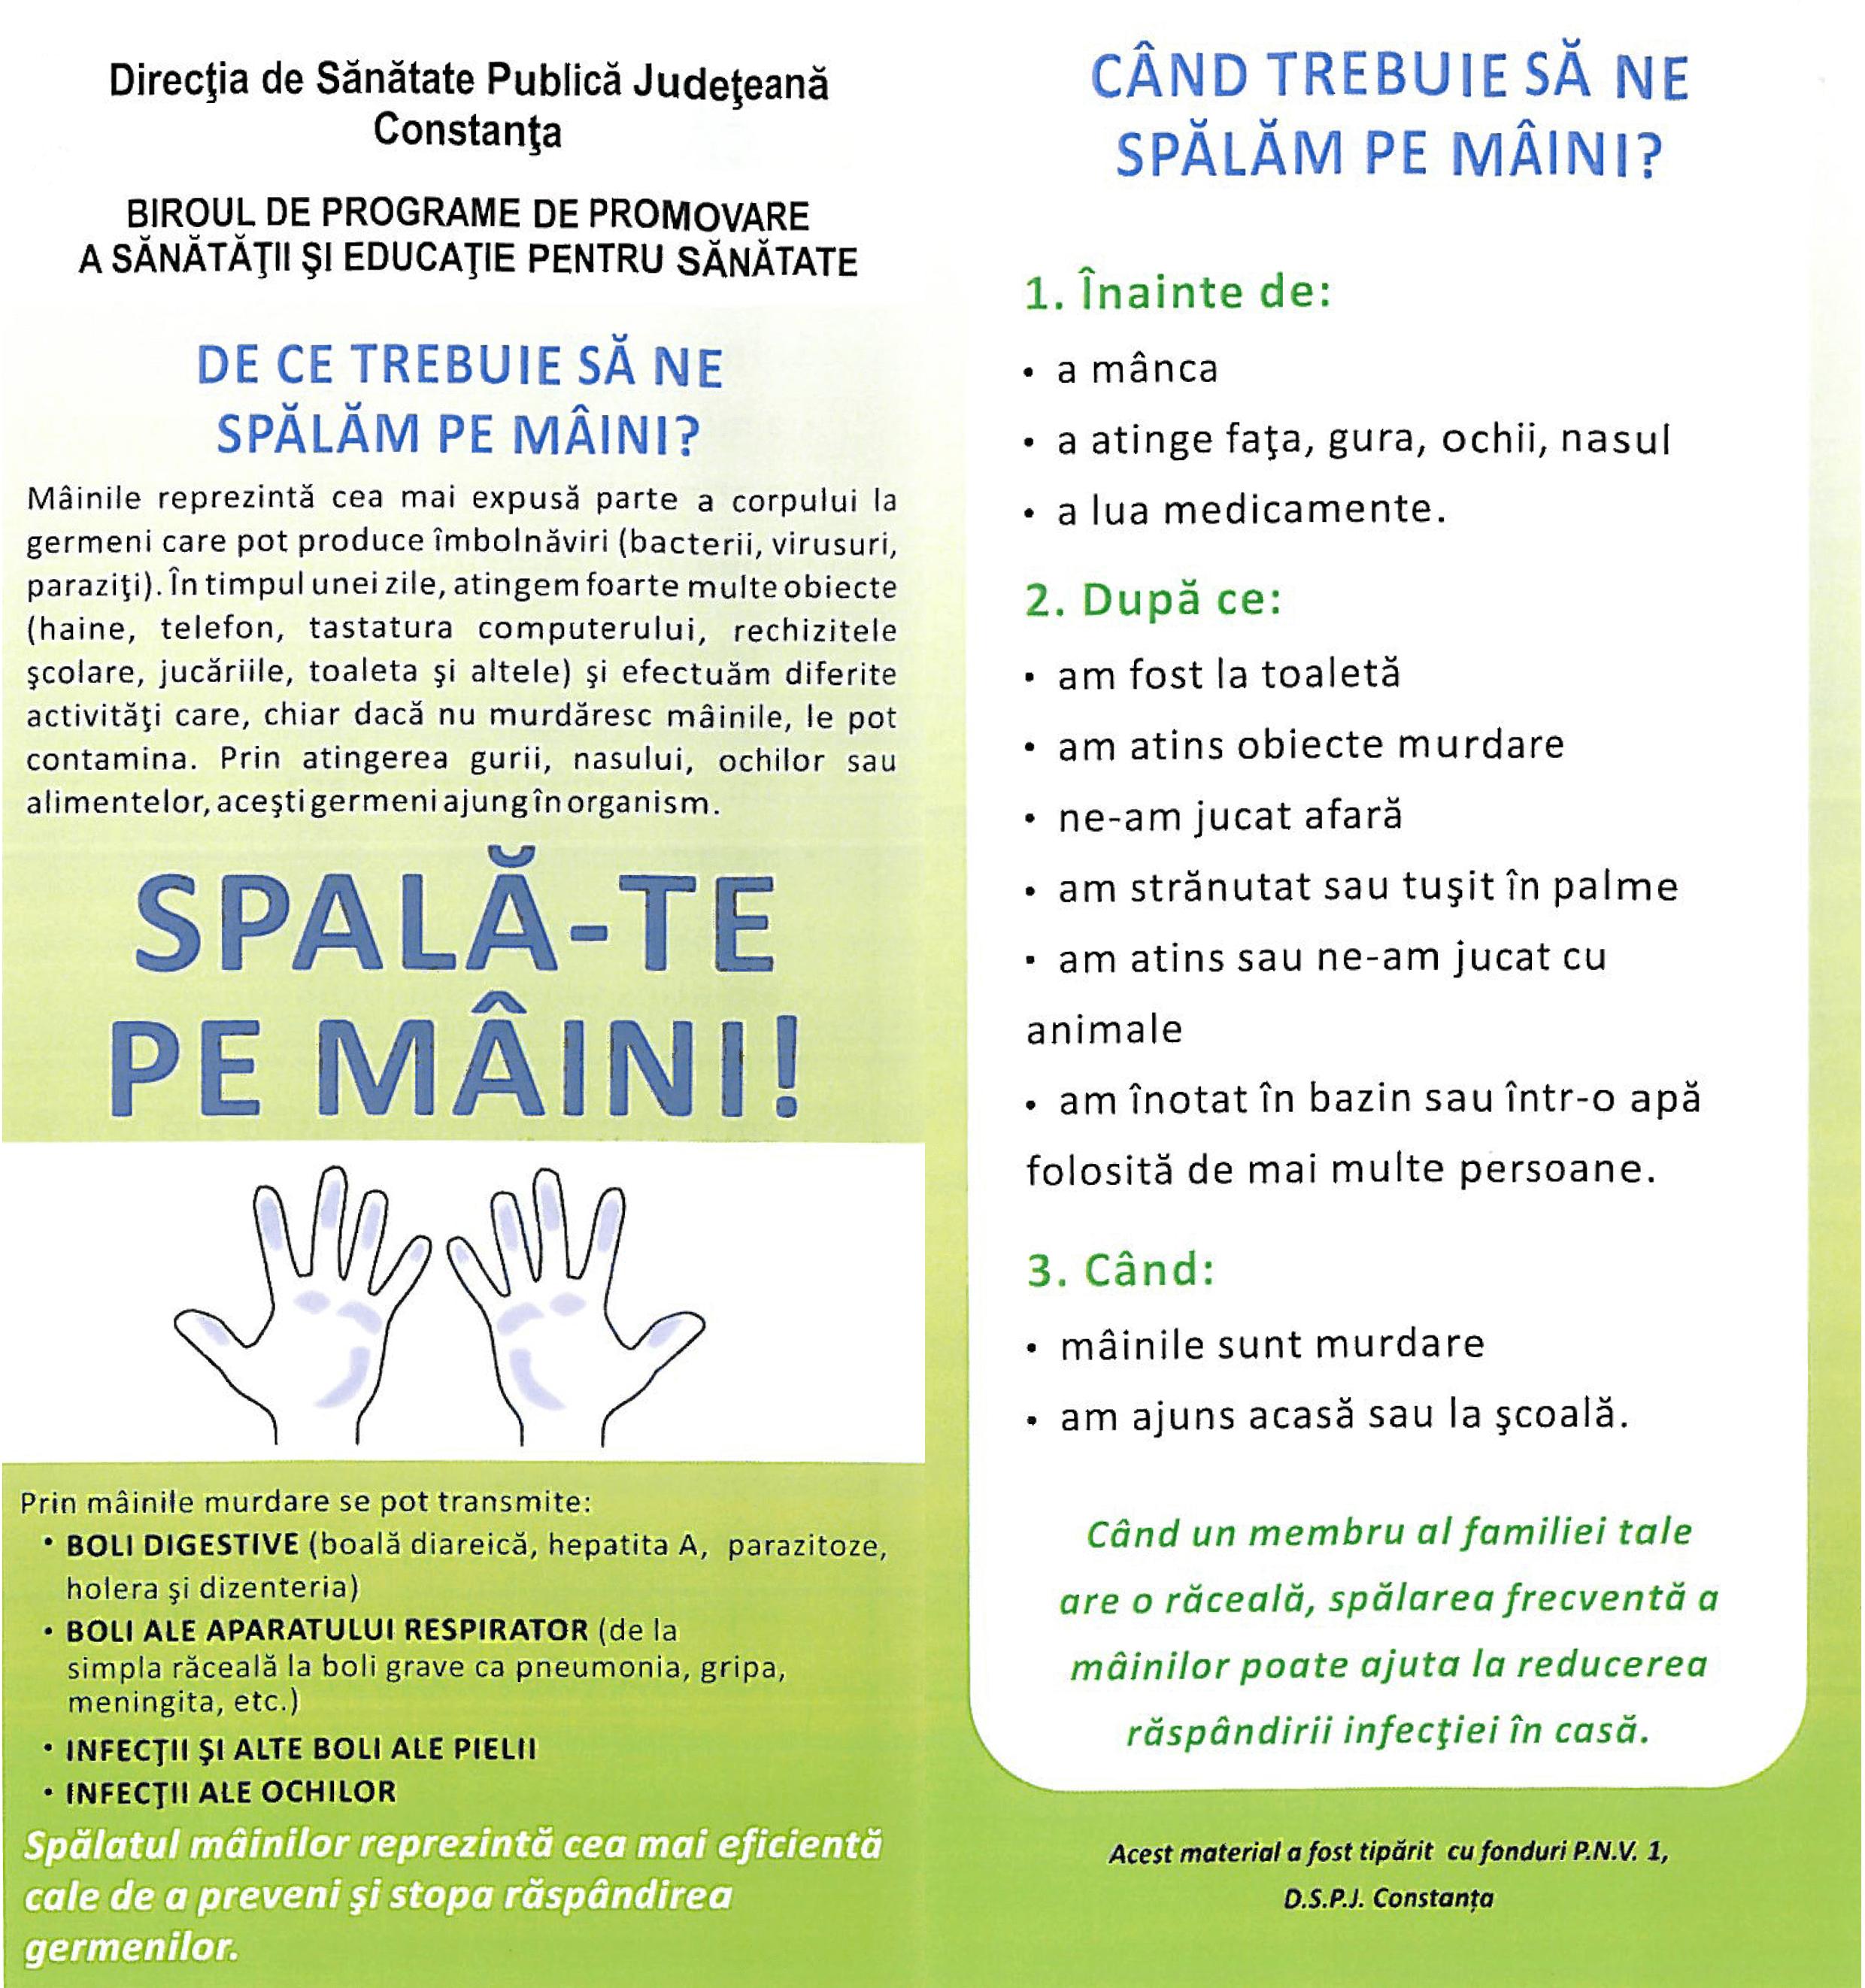 http://www.medstar2000.ro/wp-content/uploads/2018/01/Spala-te-pe-maini.png